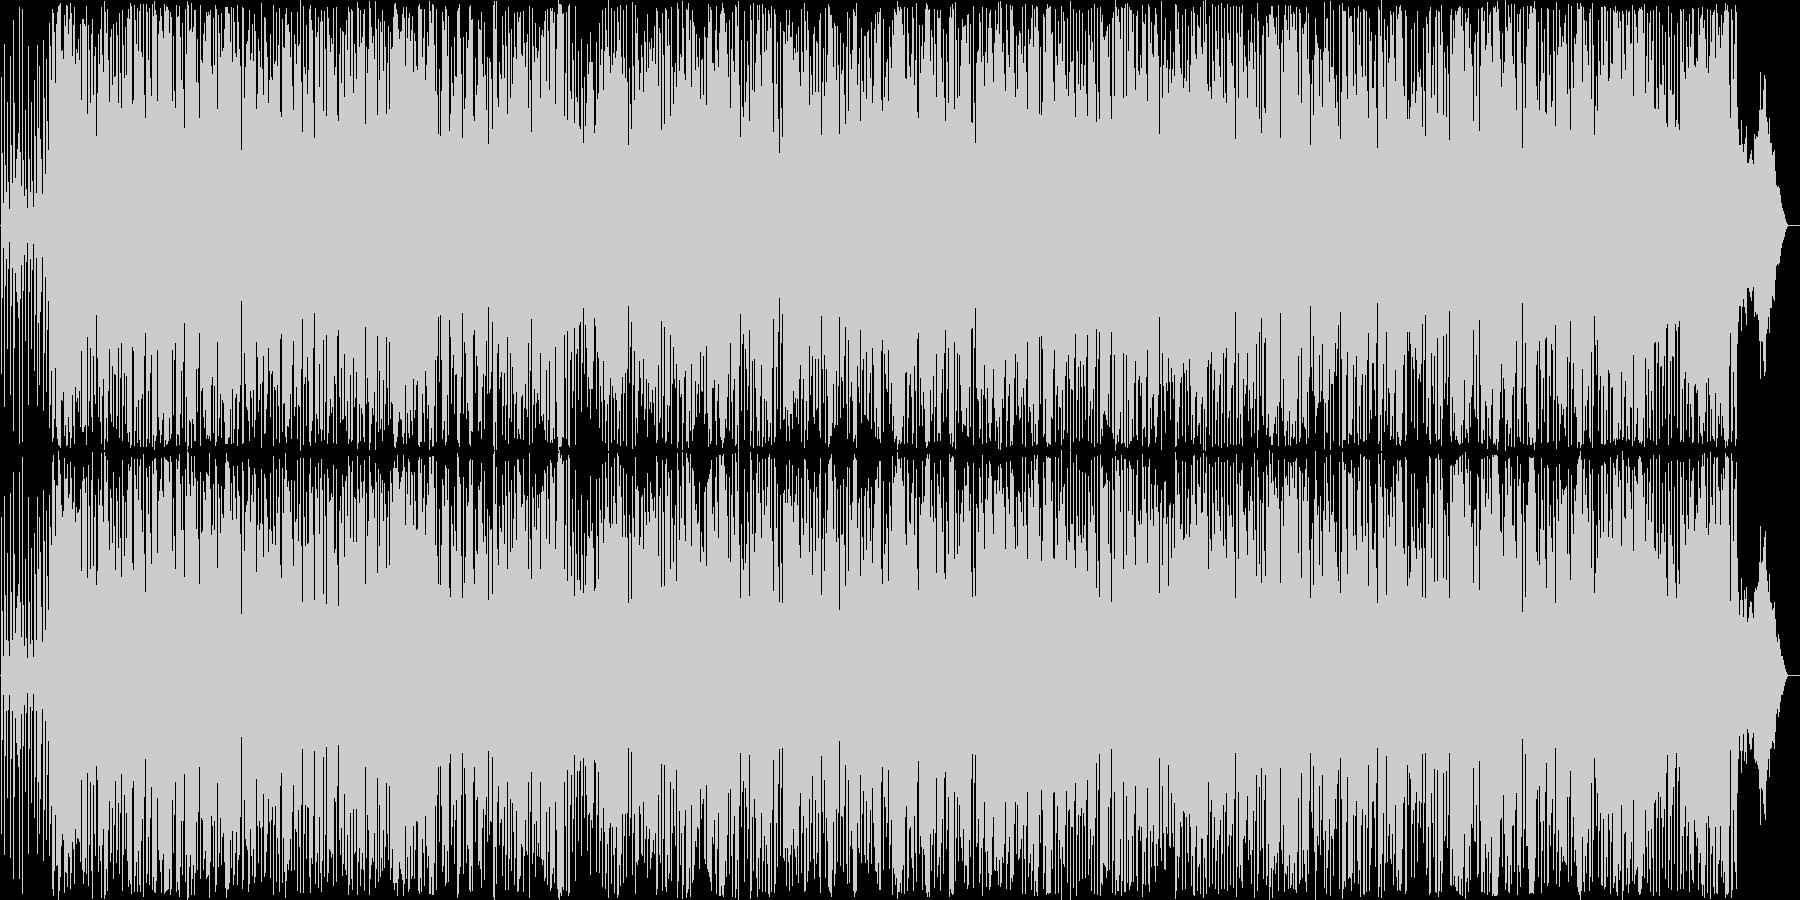 軽快なアコーディオンのアメリカンポップスの未再生の波形